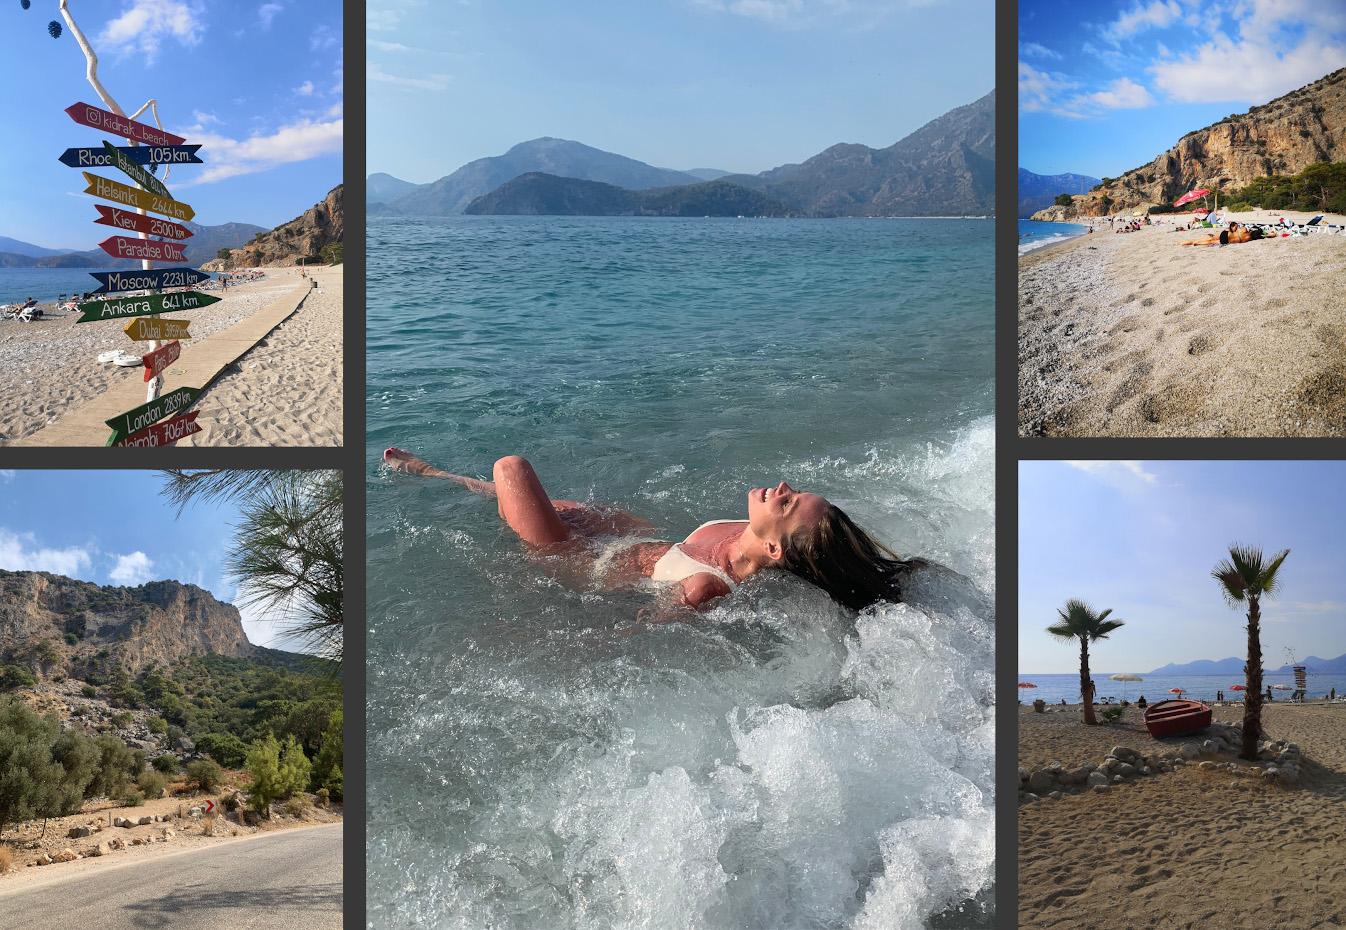 Фото 41. Иллюстрация к отчёту о походе загорать и купаться на пляж Кидрак (Kidrak Plaj), что рядом с Олюденизом.